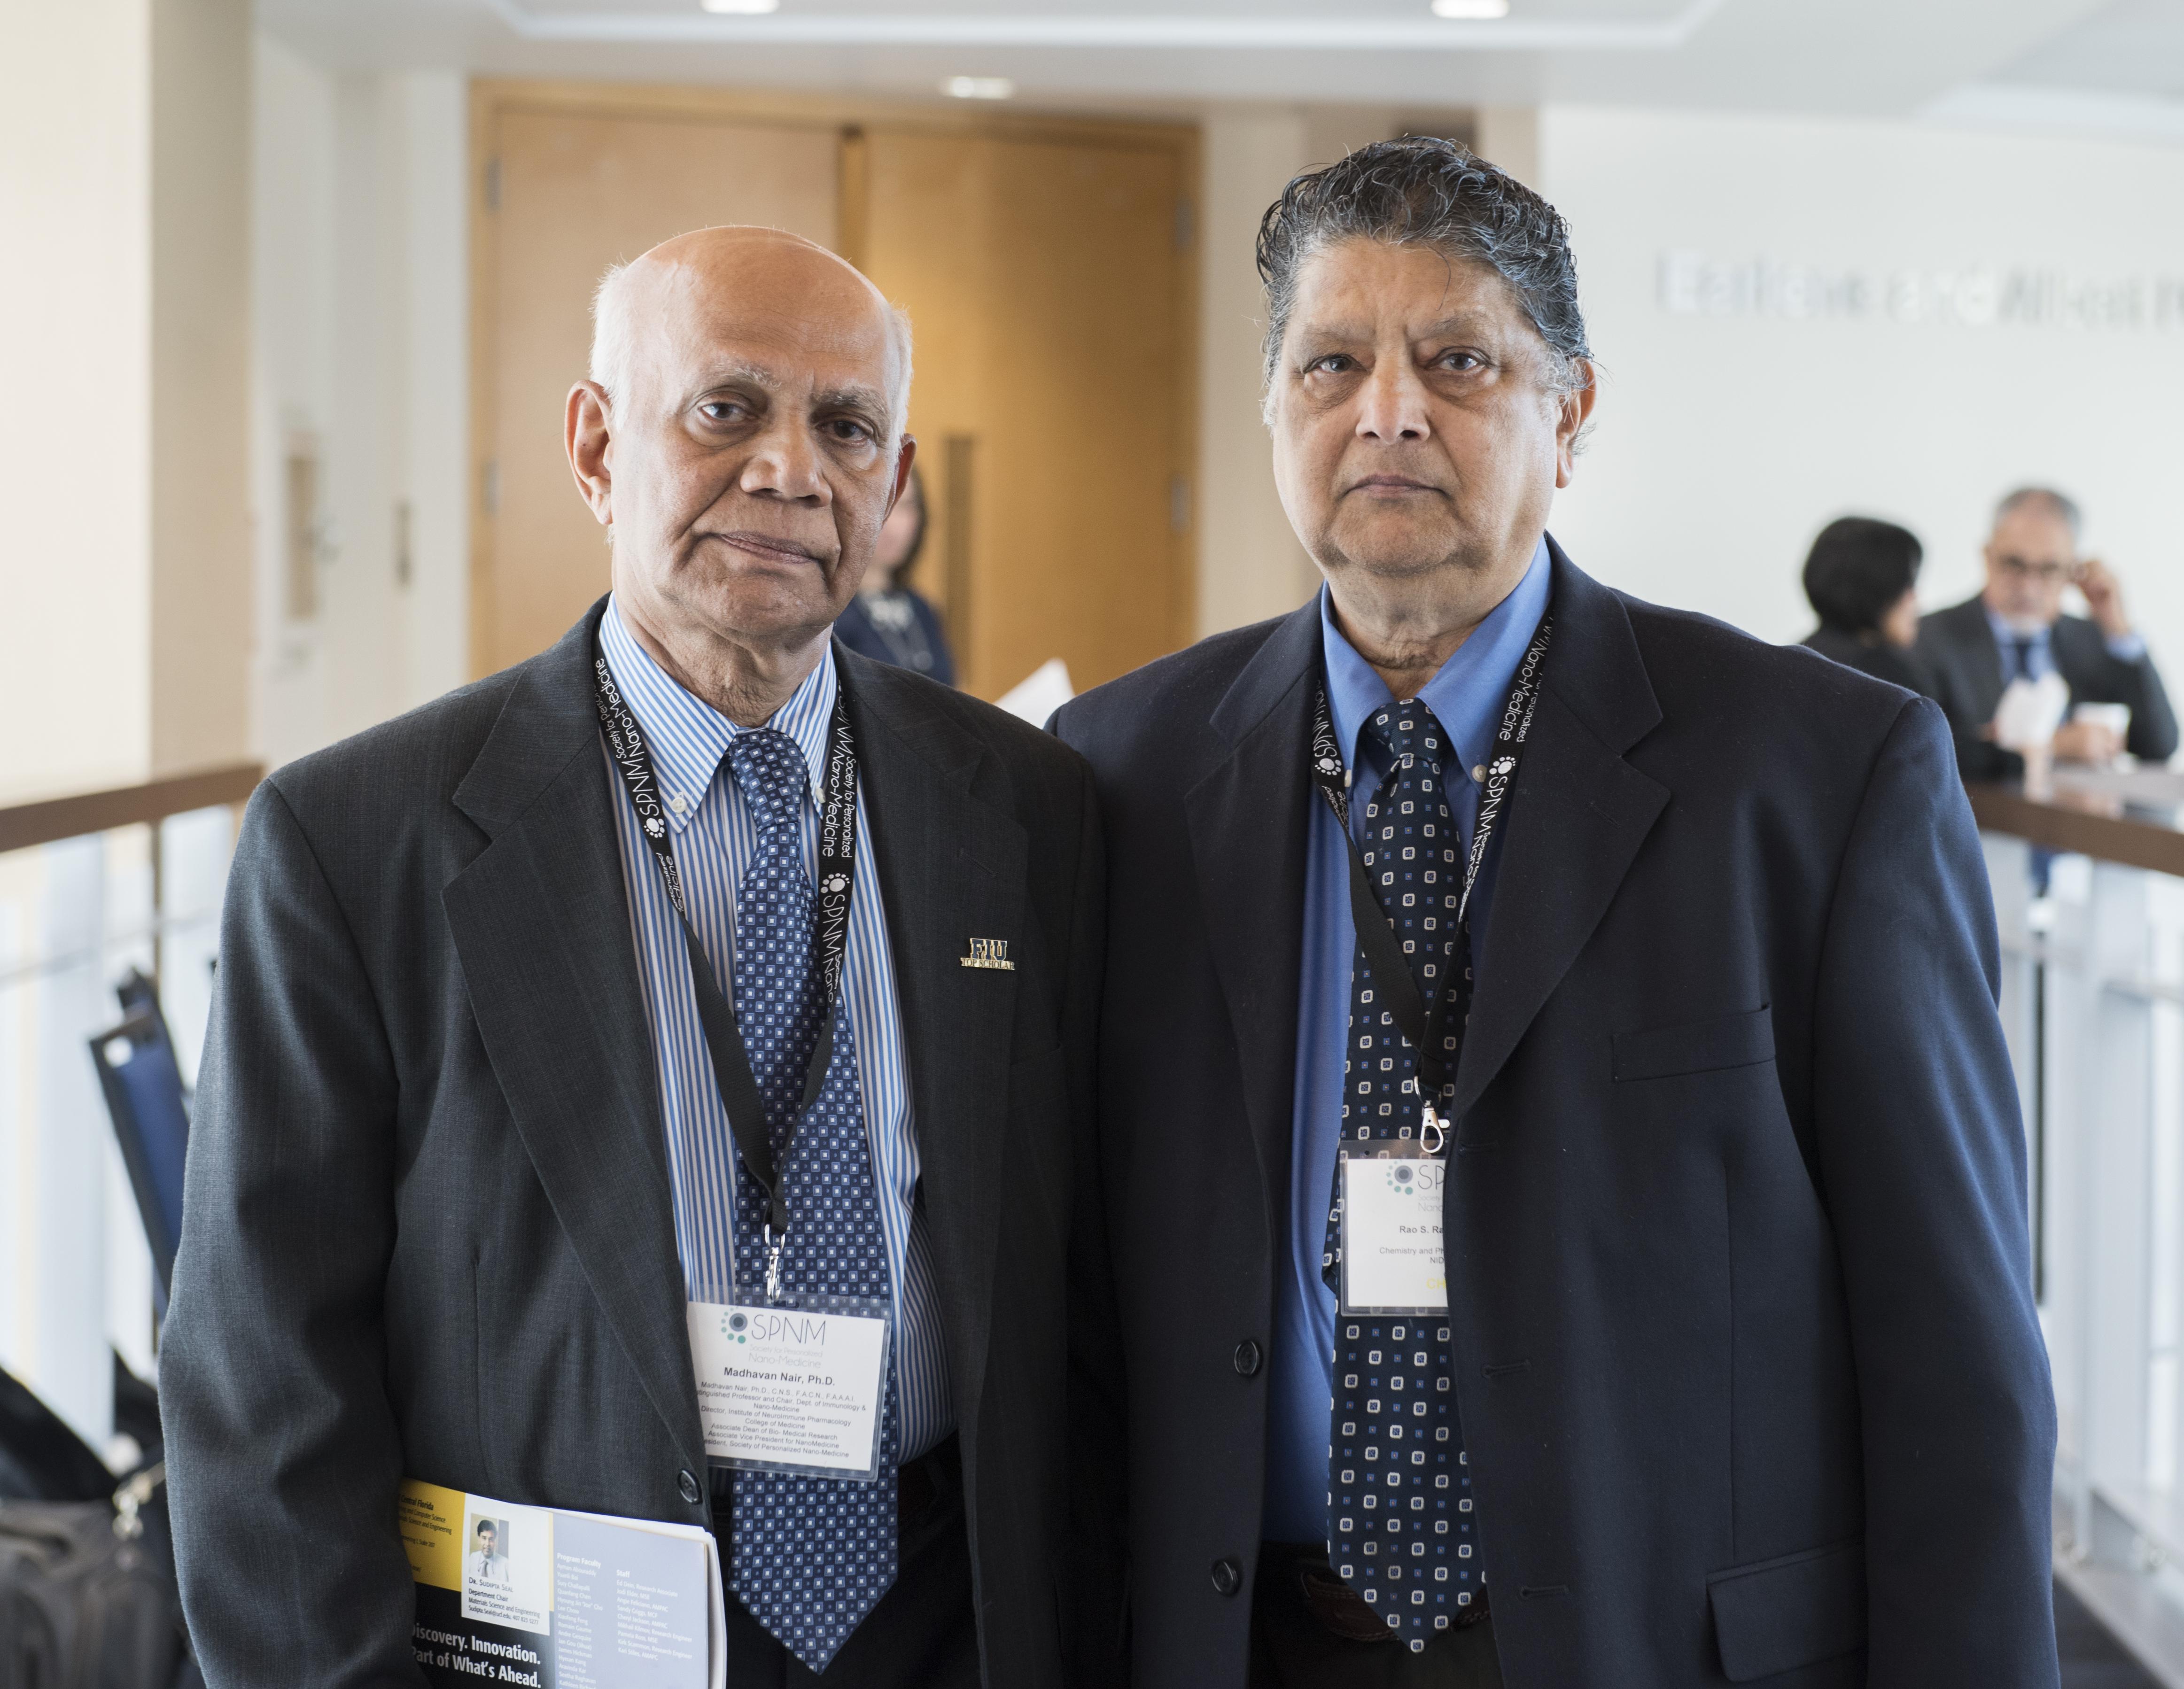 Dr. Madhavan Nair and Dr. Rao Rapaka